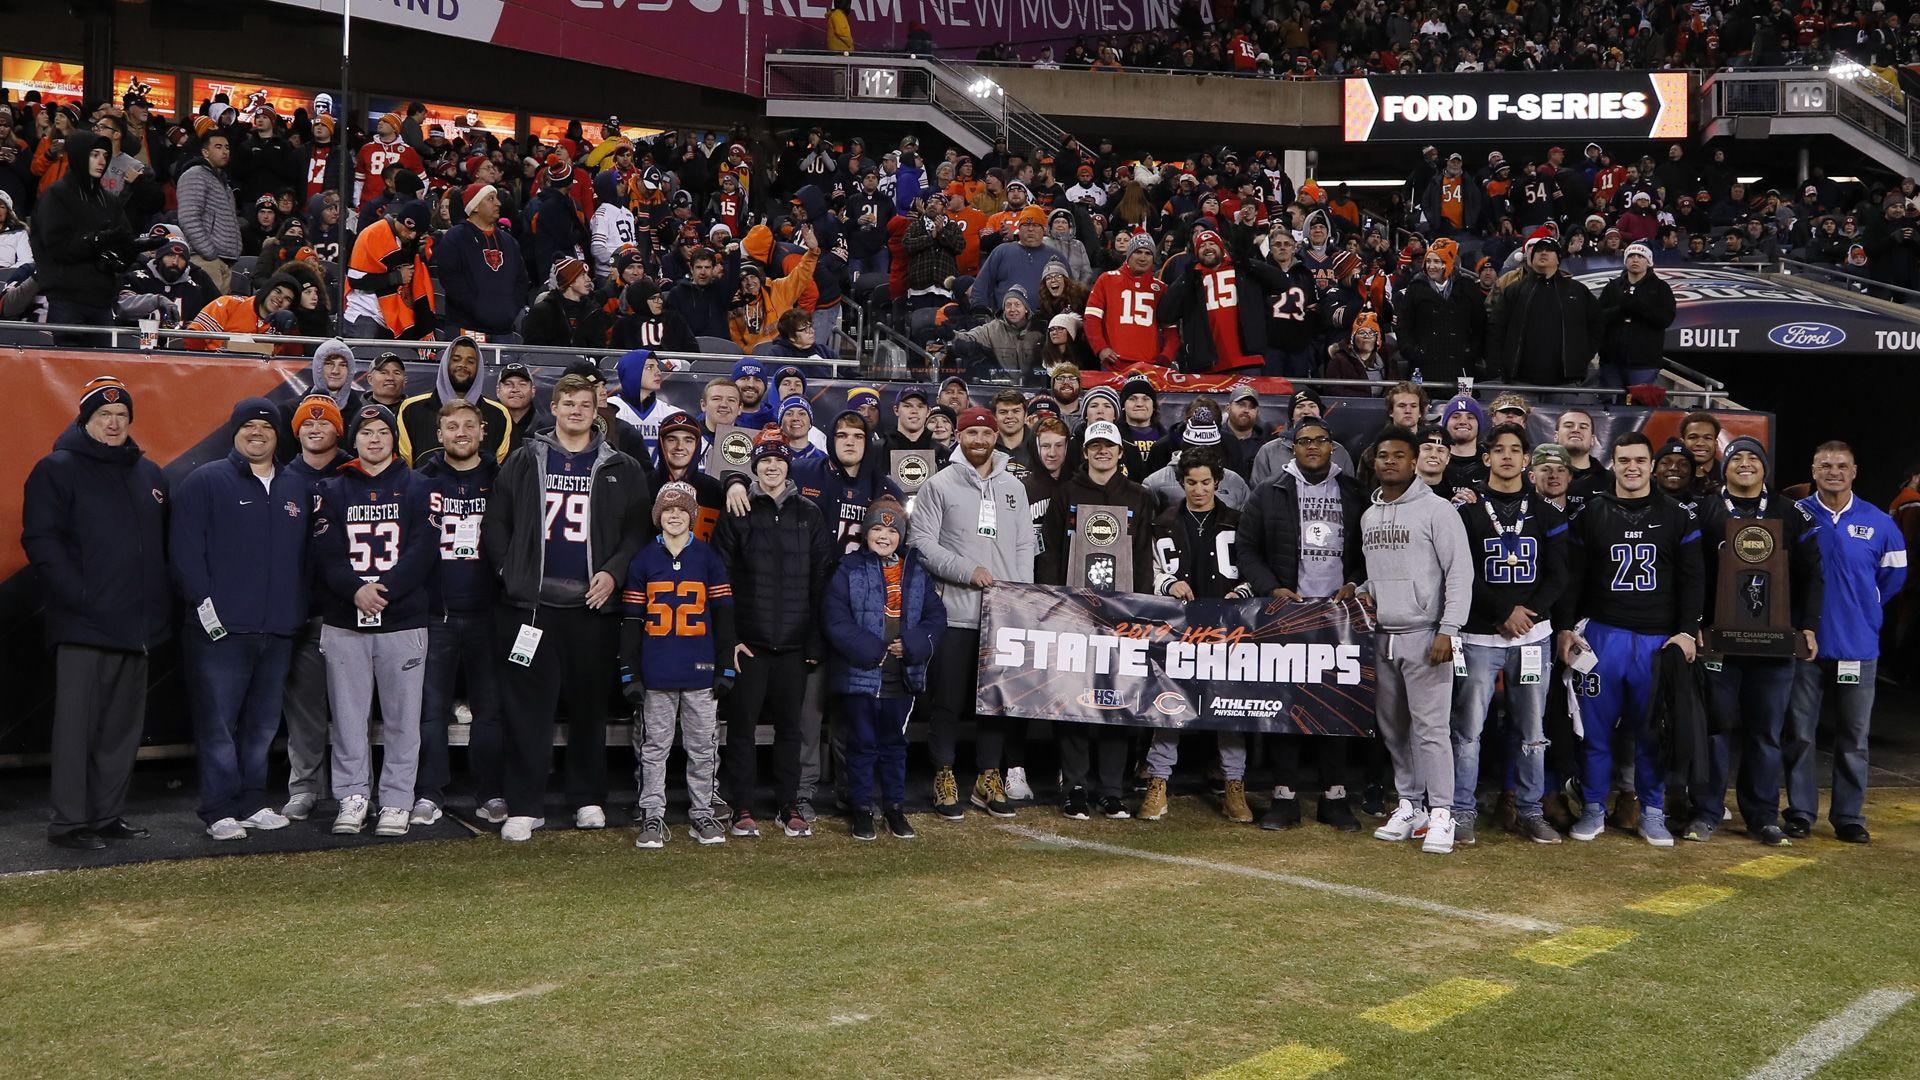 IHSA State Champions